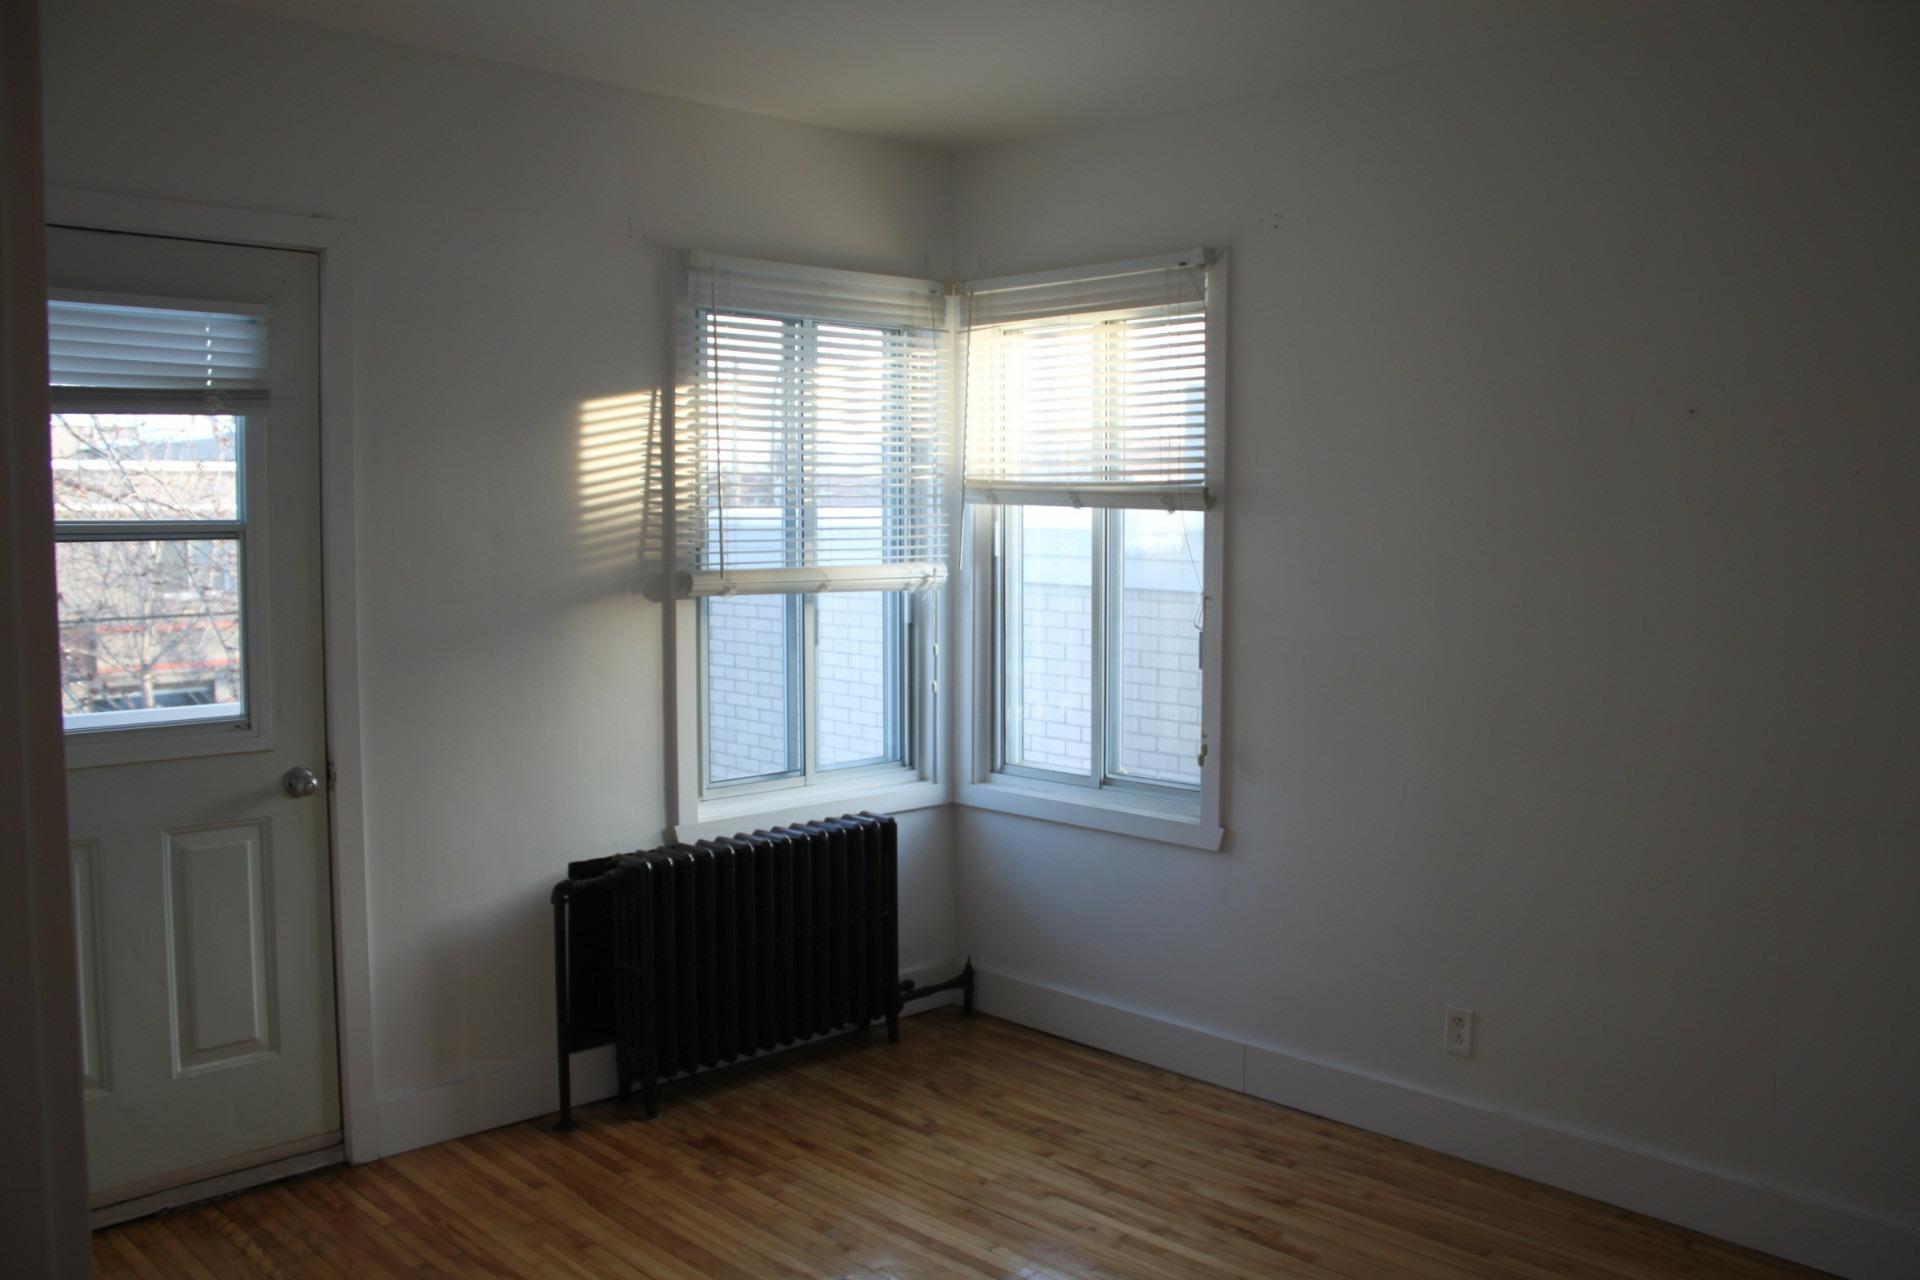 image 3 - Appartement À louer Montréal Mercier - 3 pièces